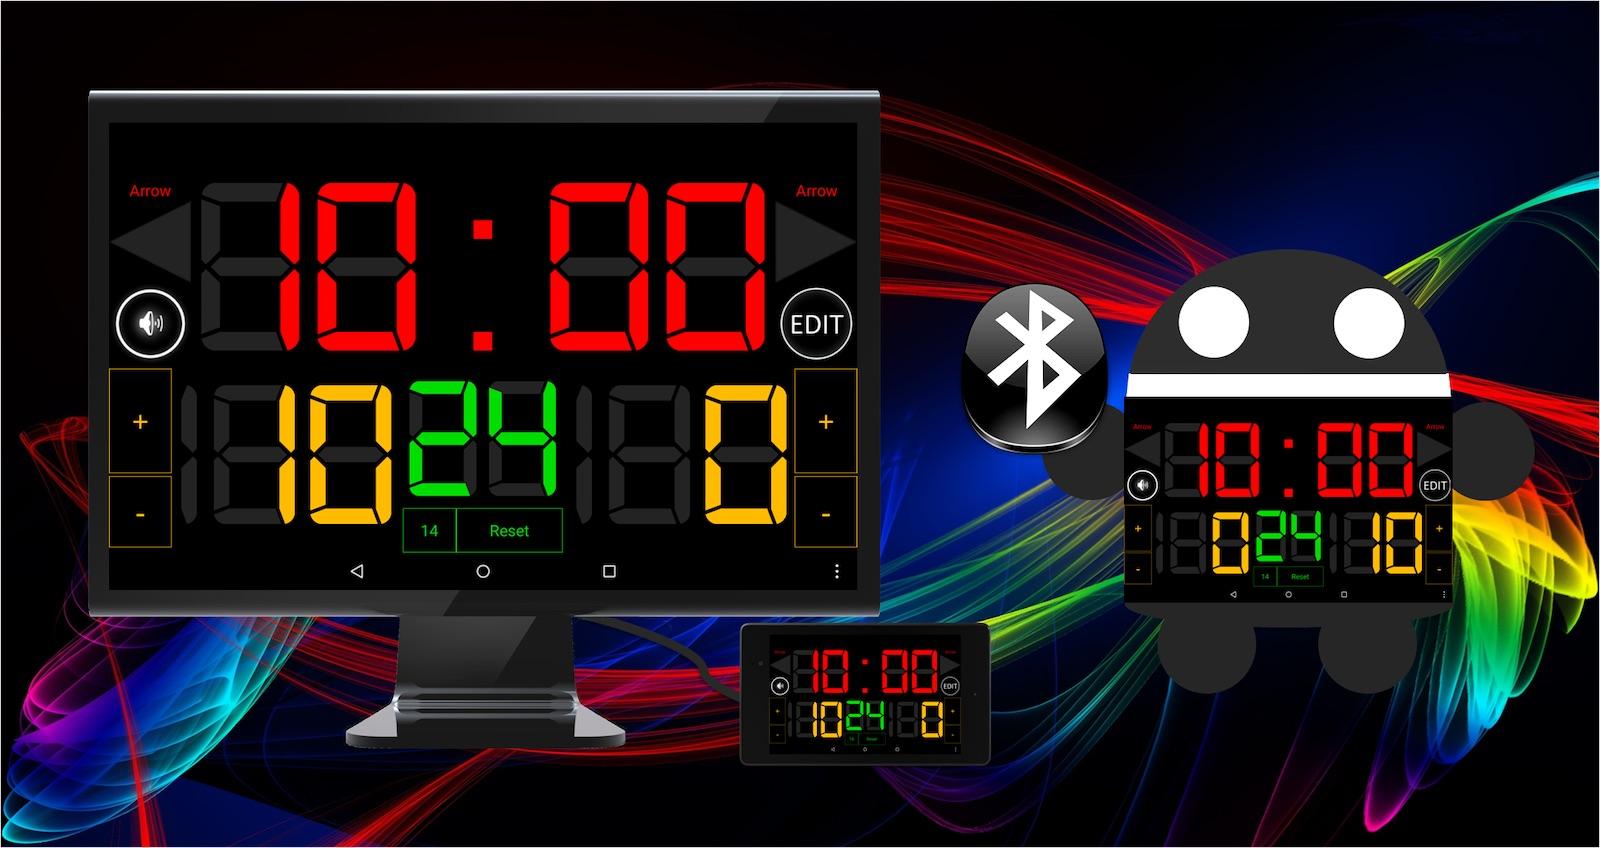 3. Scoreboard Remoe